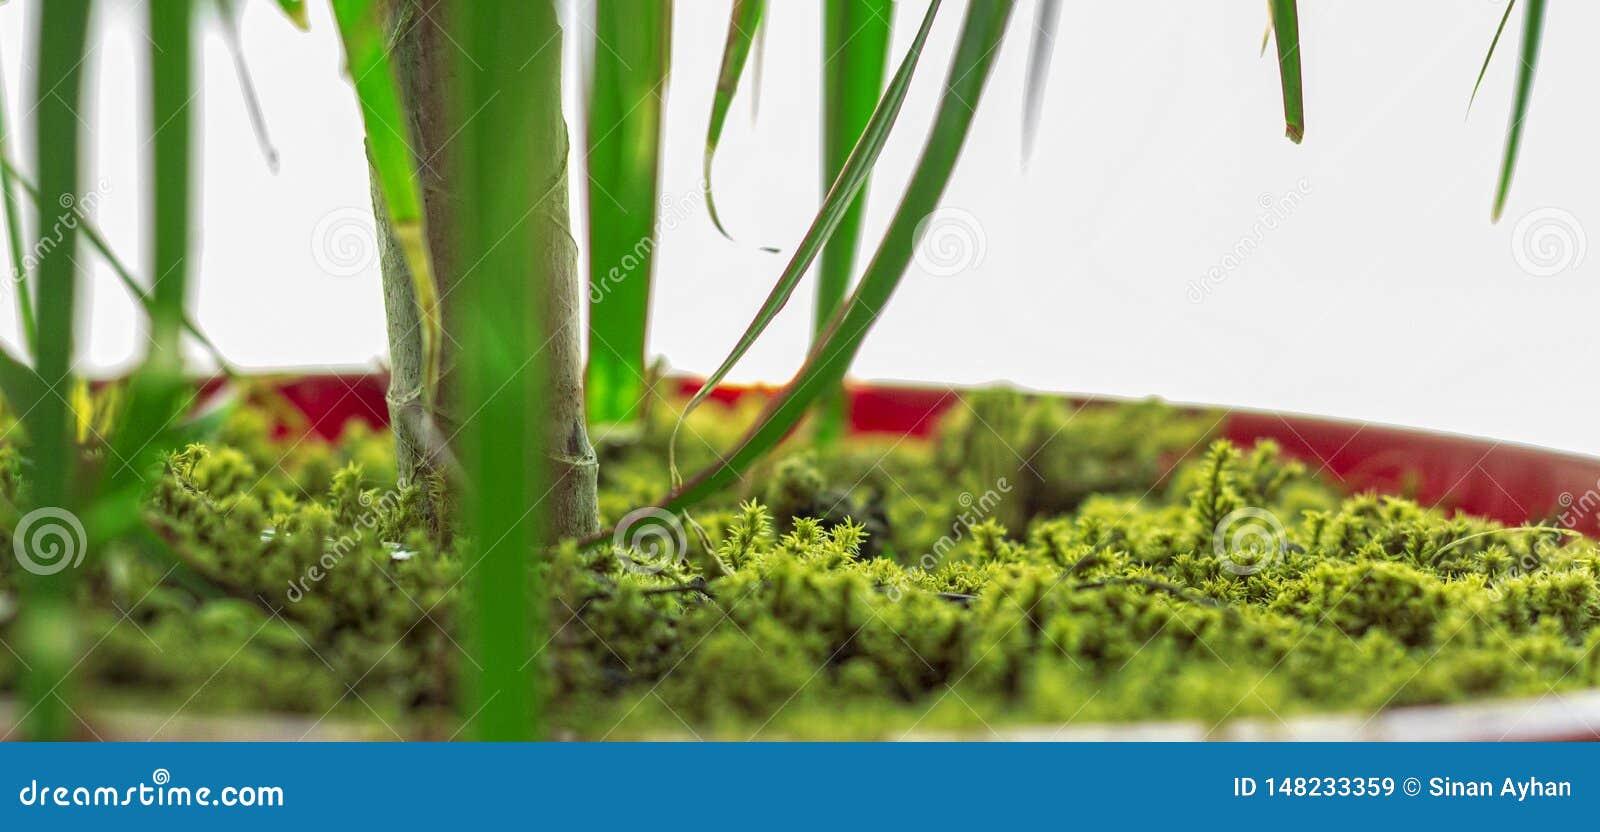 Зеленым цветочный горшок покрытый мхом